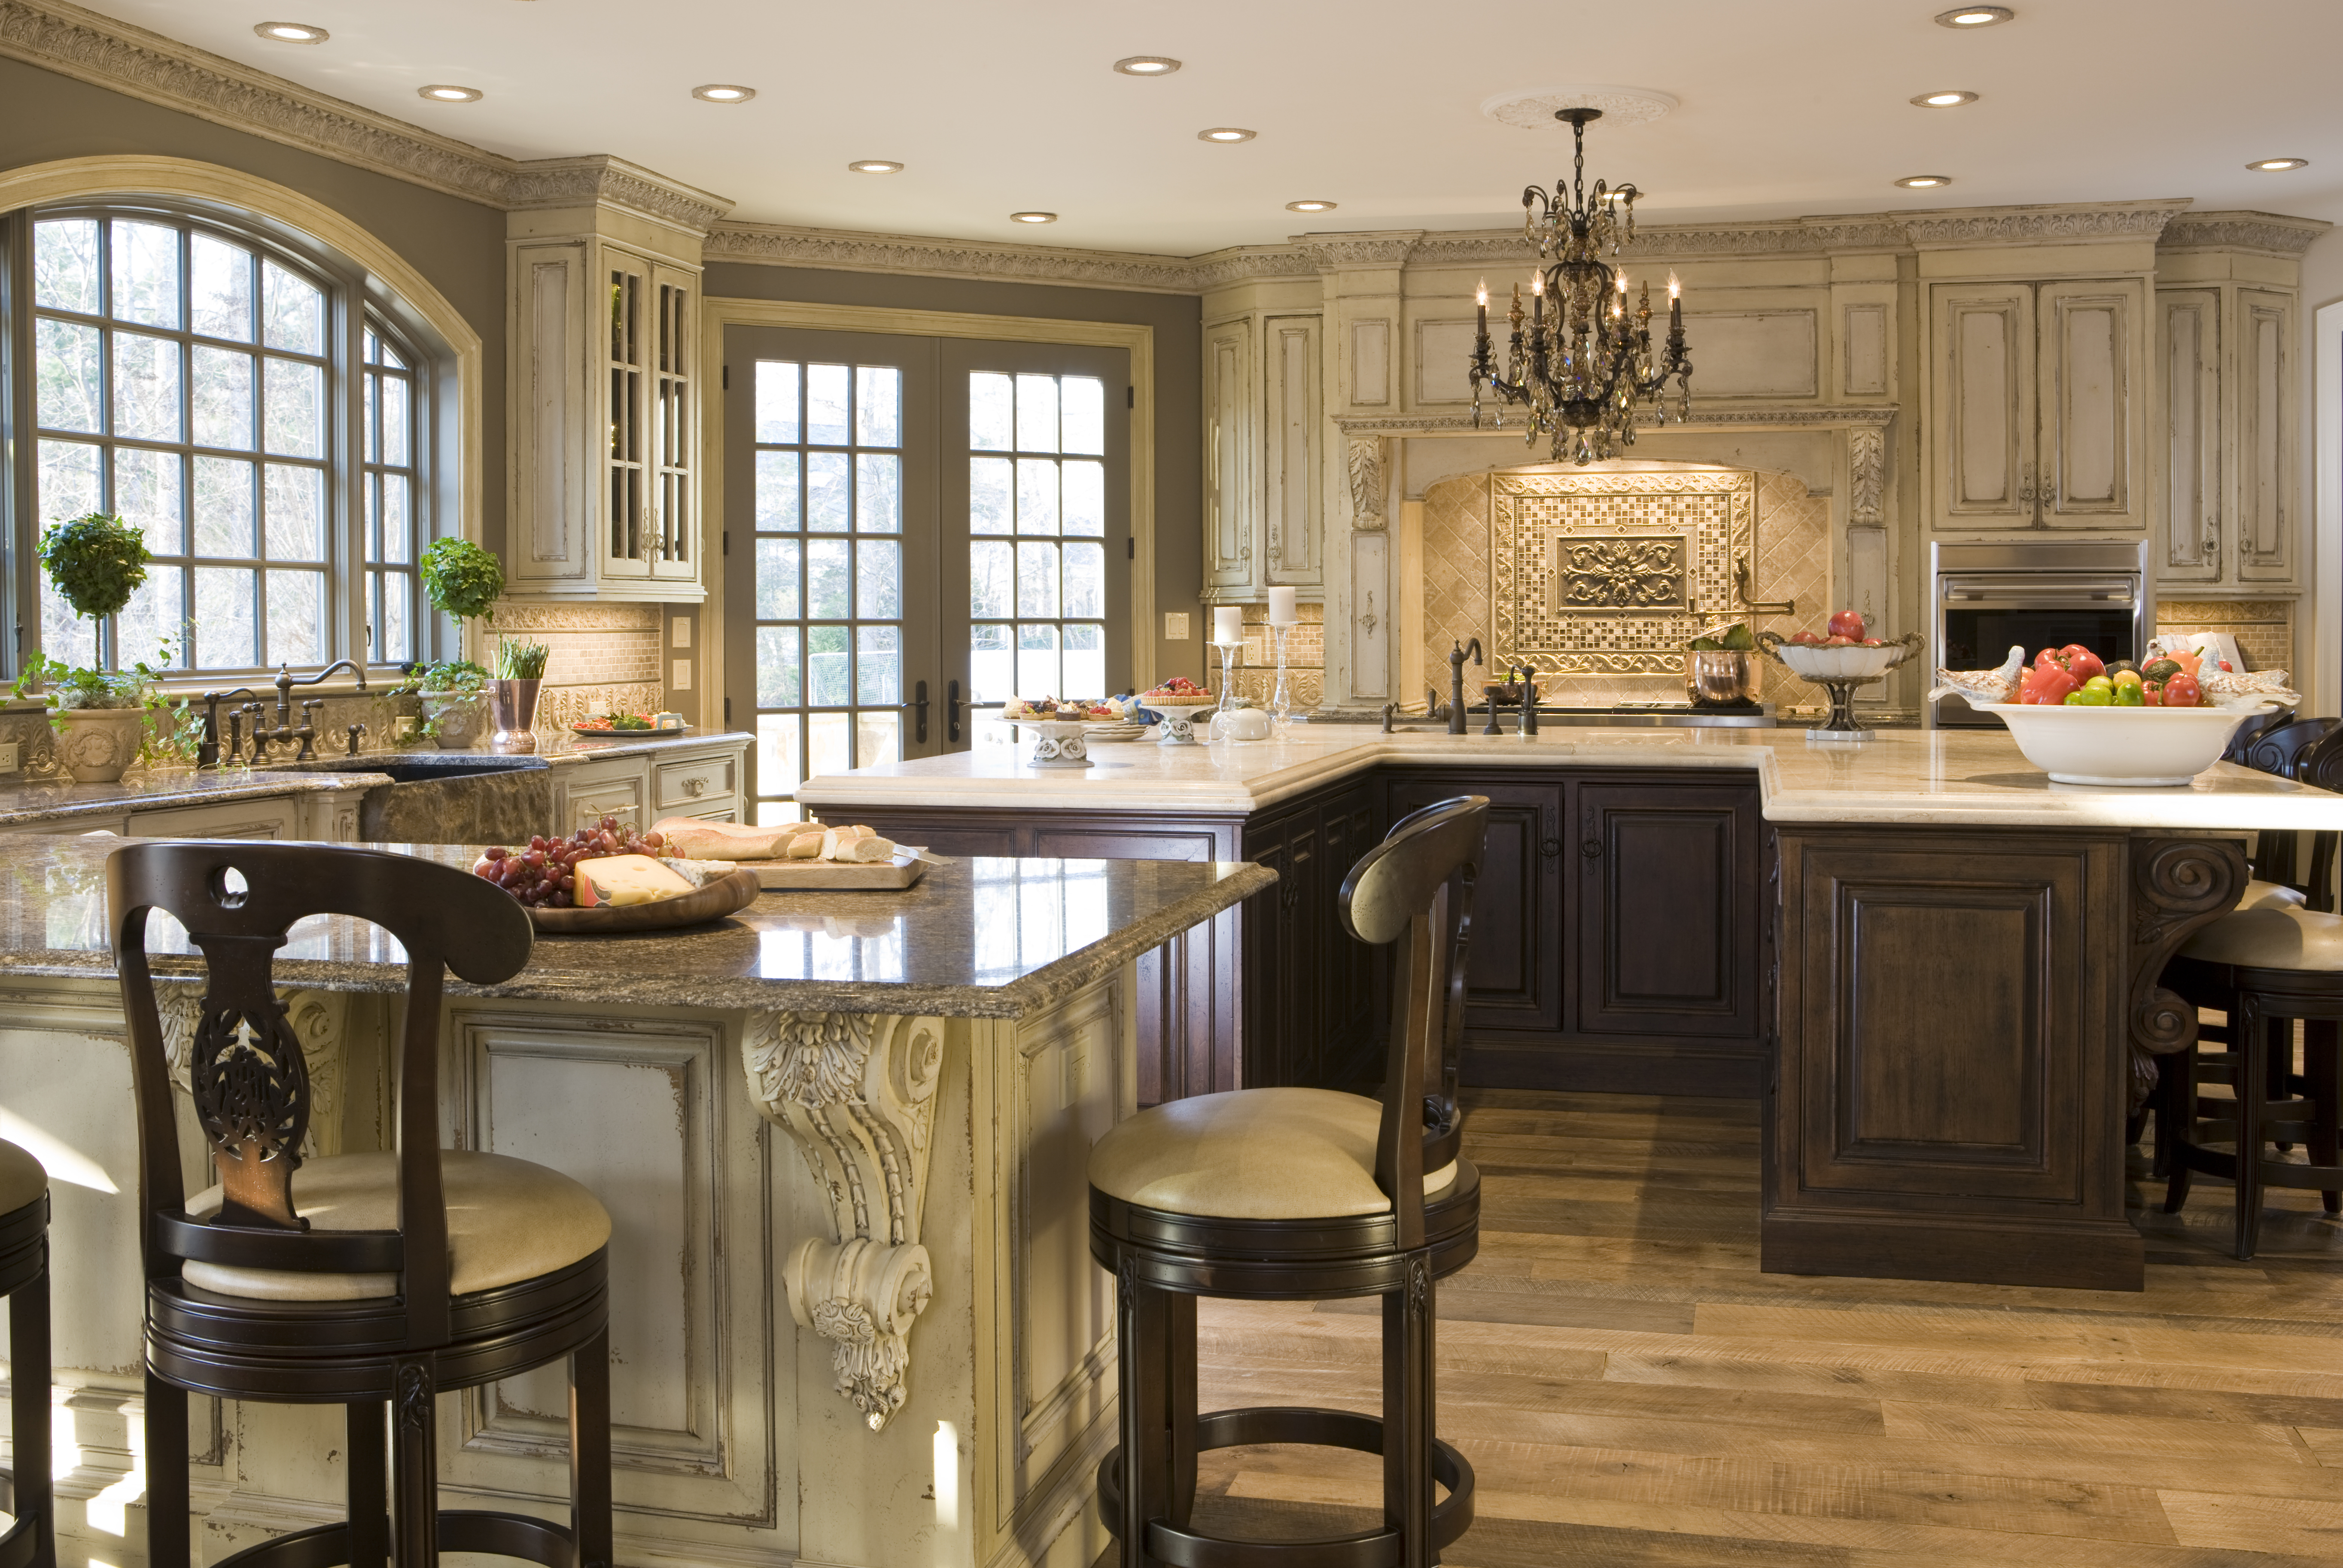 High End Kitchen Design Ideas Hawk Haven